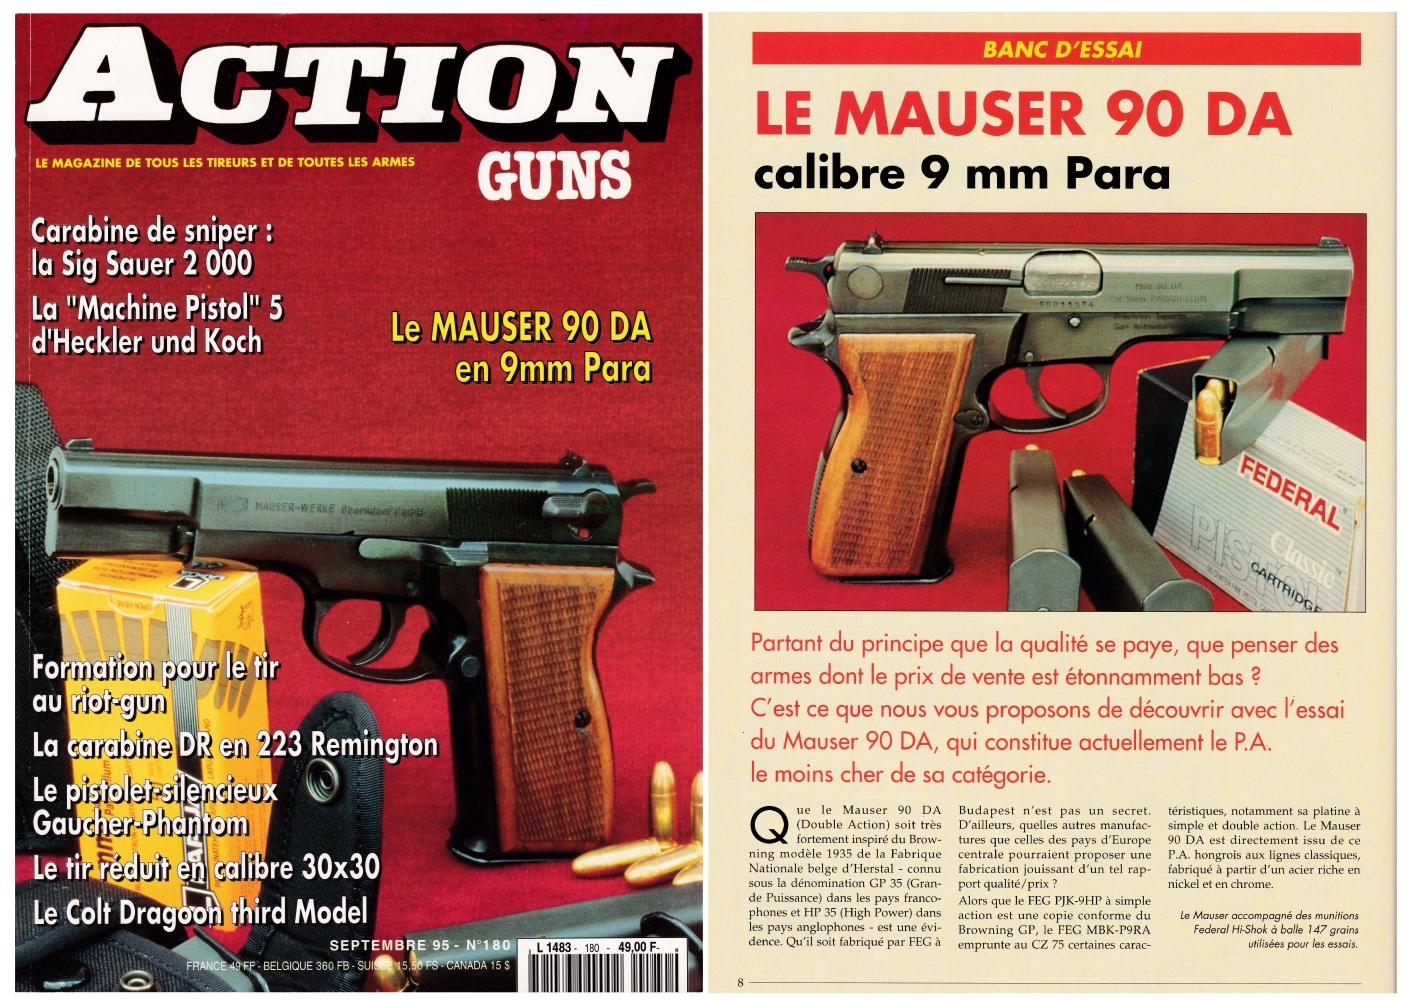 Le banc d'essai du pistolet Mauser 90 DA a été publié sur 6 pages dans le magazine Action Guns n°180 (septembre 1995).